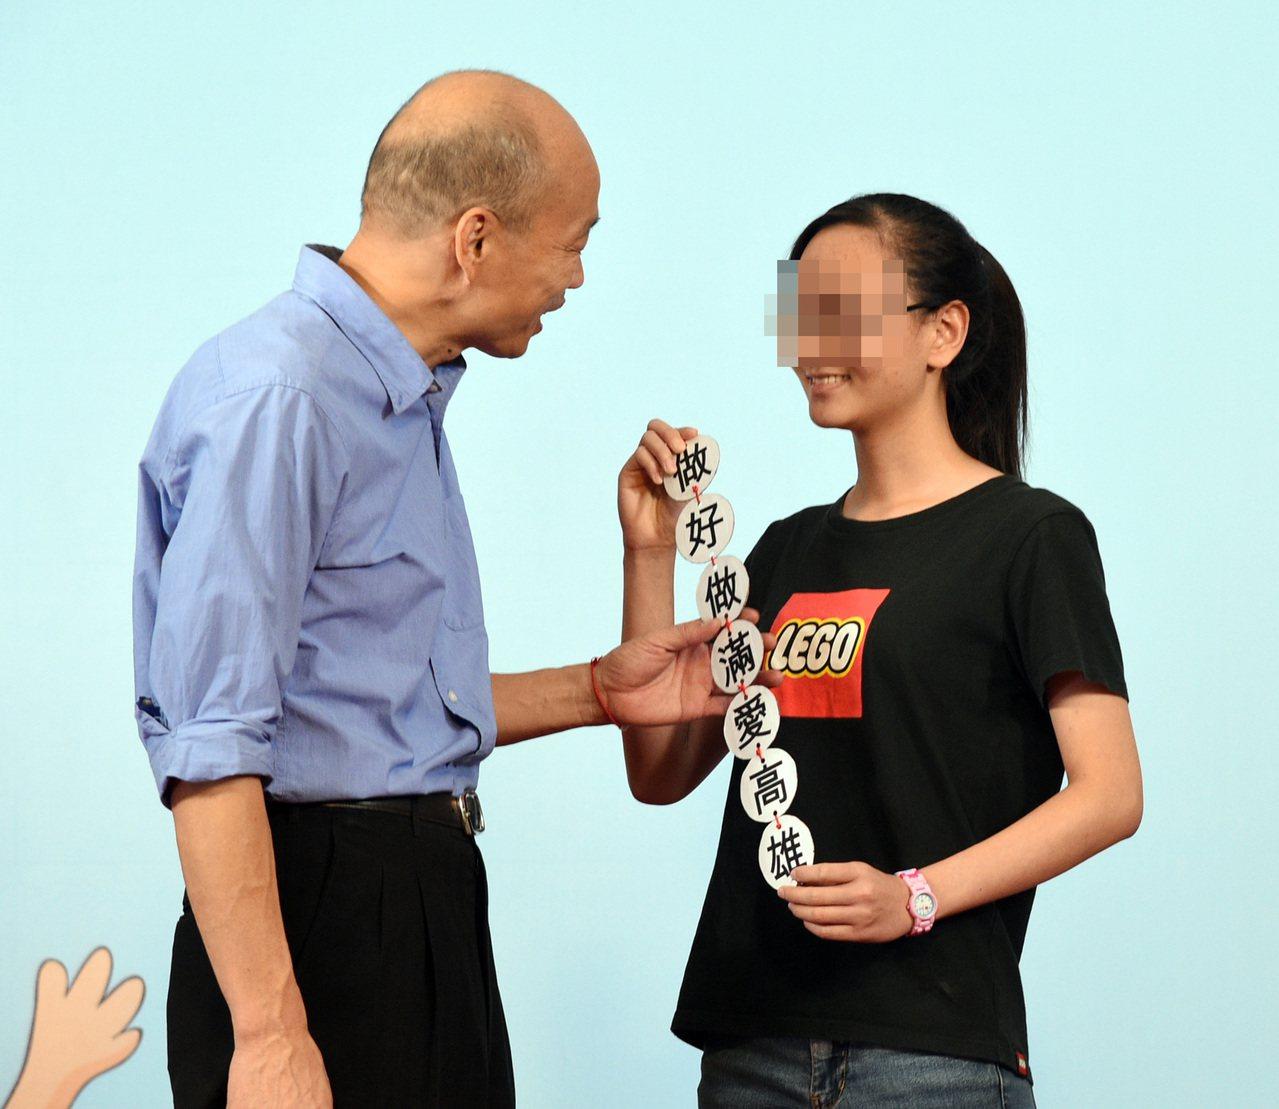 韓國瑜先前與模範生合影時,有女學生拿出自製字條寫「做好做滿愛高雄」。 聯合報系資...